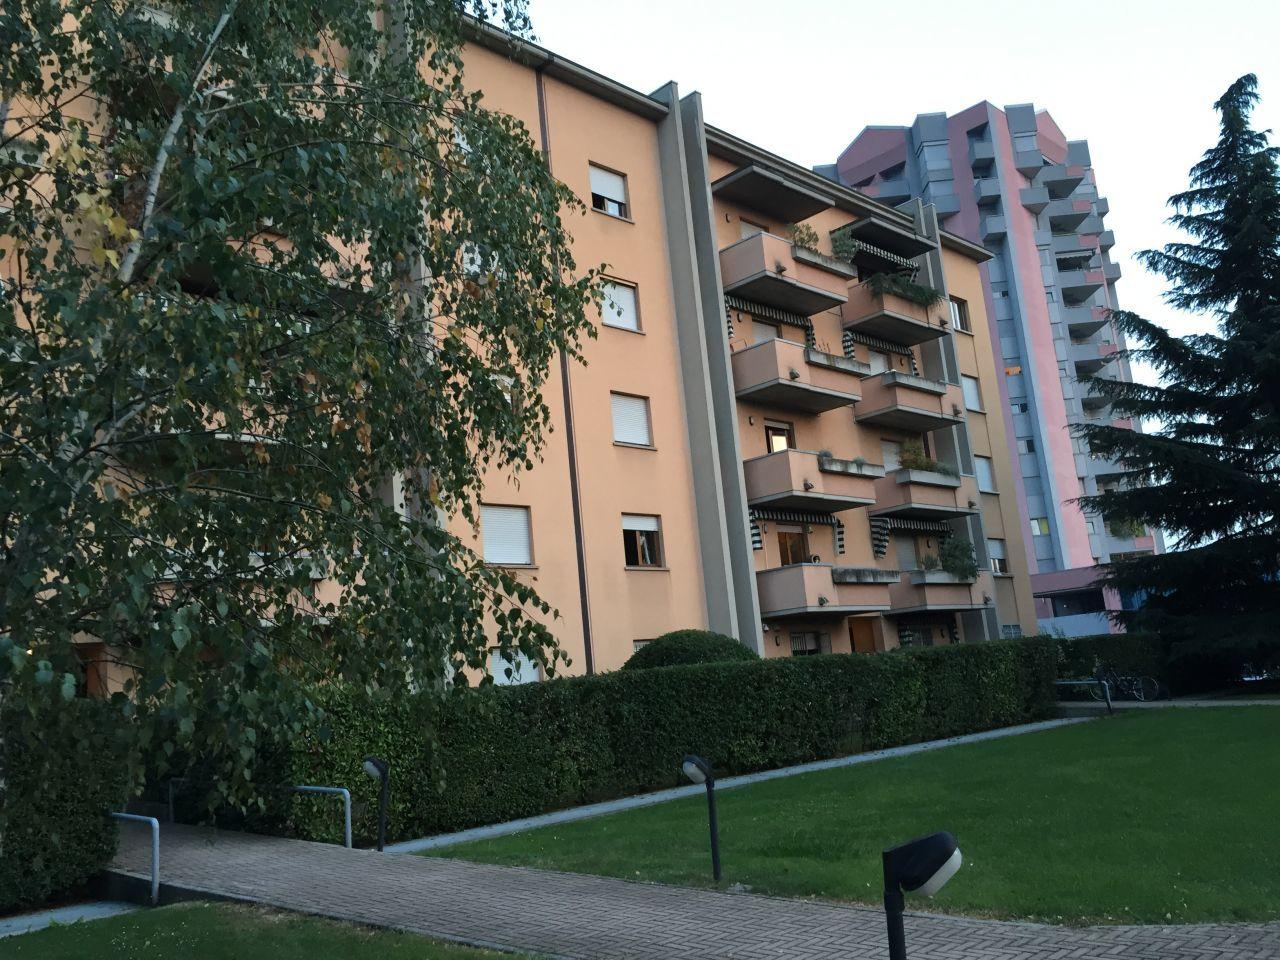 Bilocale Brescia Via Zabella 30 11